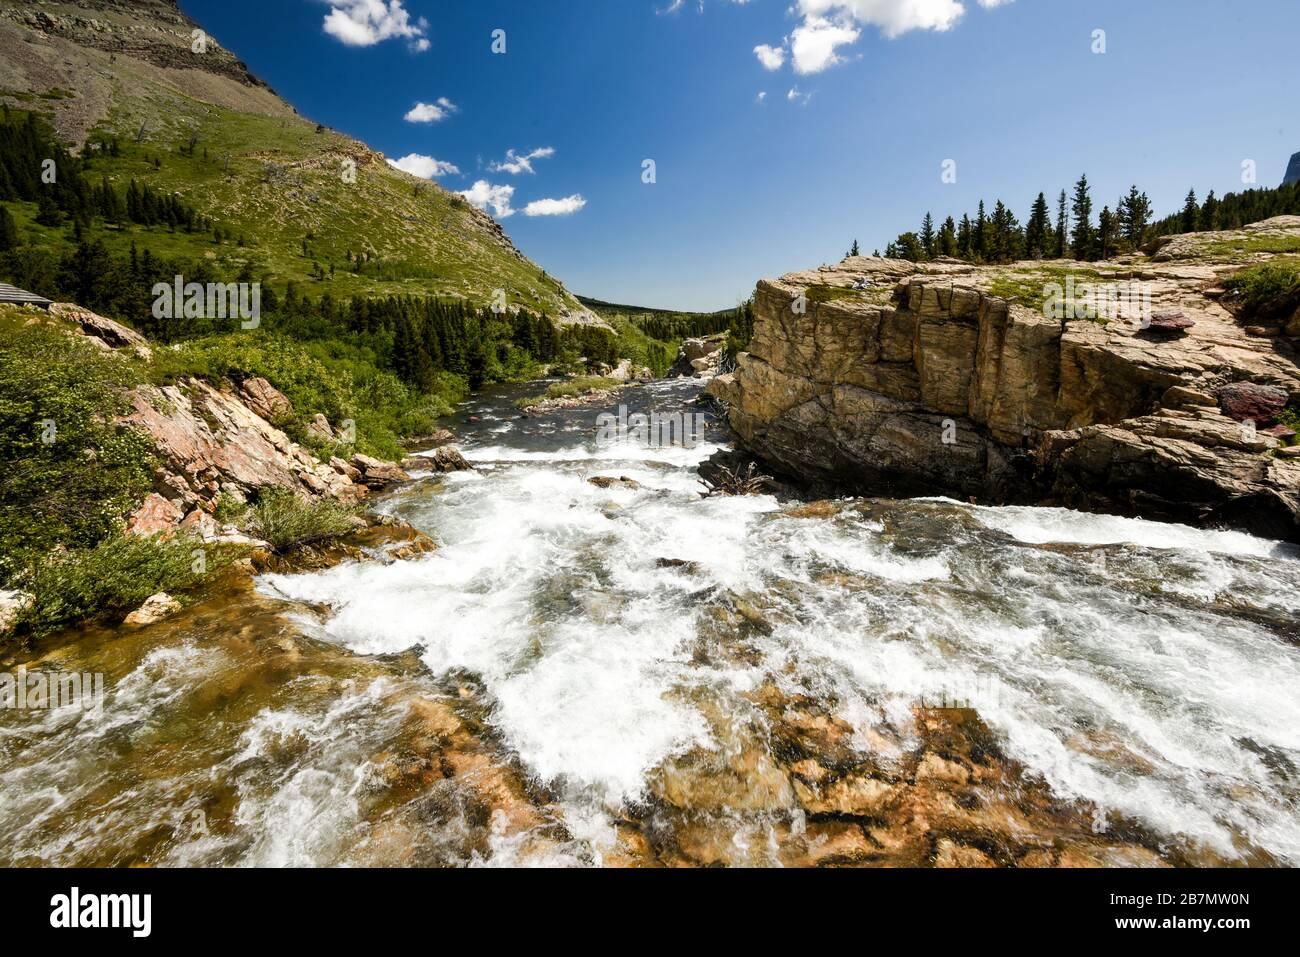 Un fiume glaciale che scorre velocemente, che scorre sulle rocce verso la macchina fotografica nelle montagne del Colorado Foto Stock